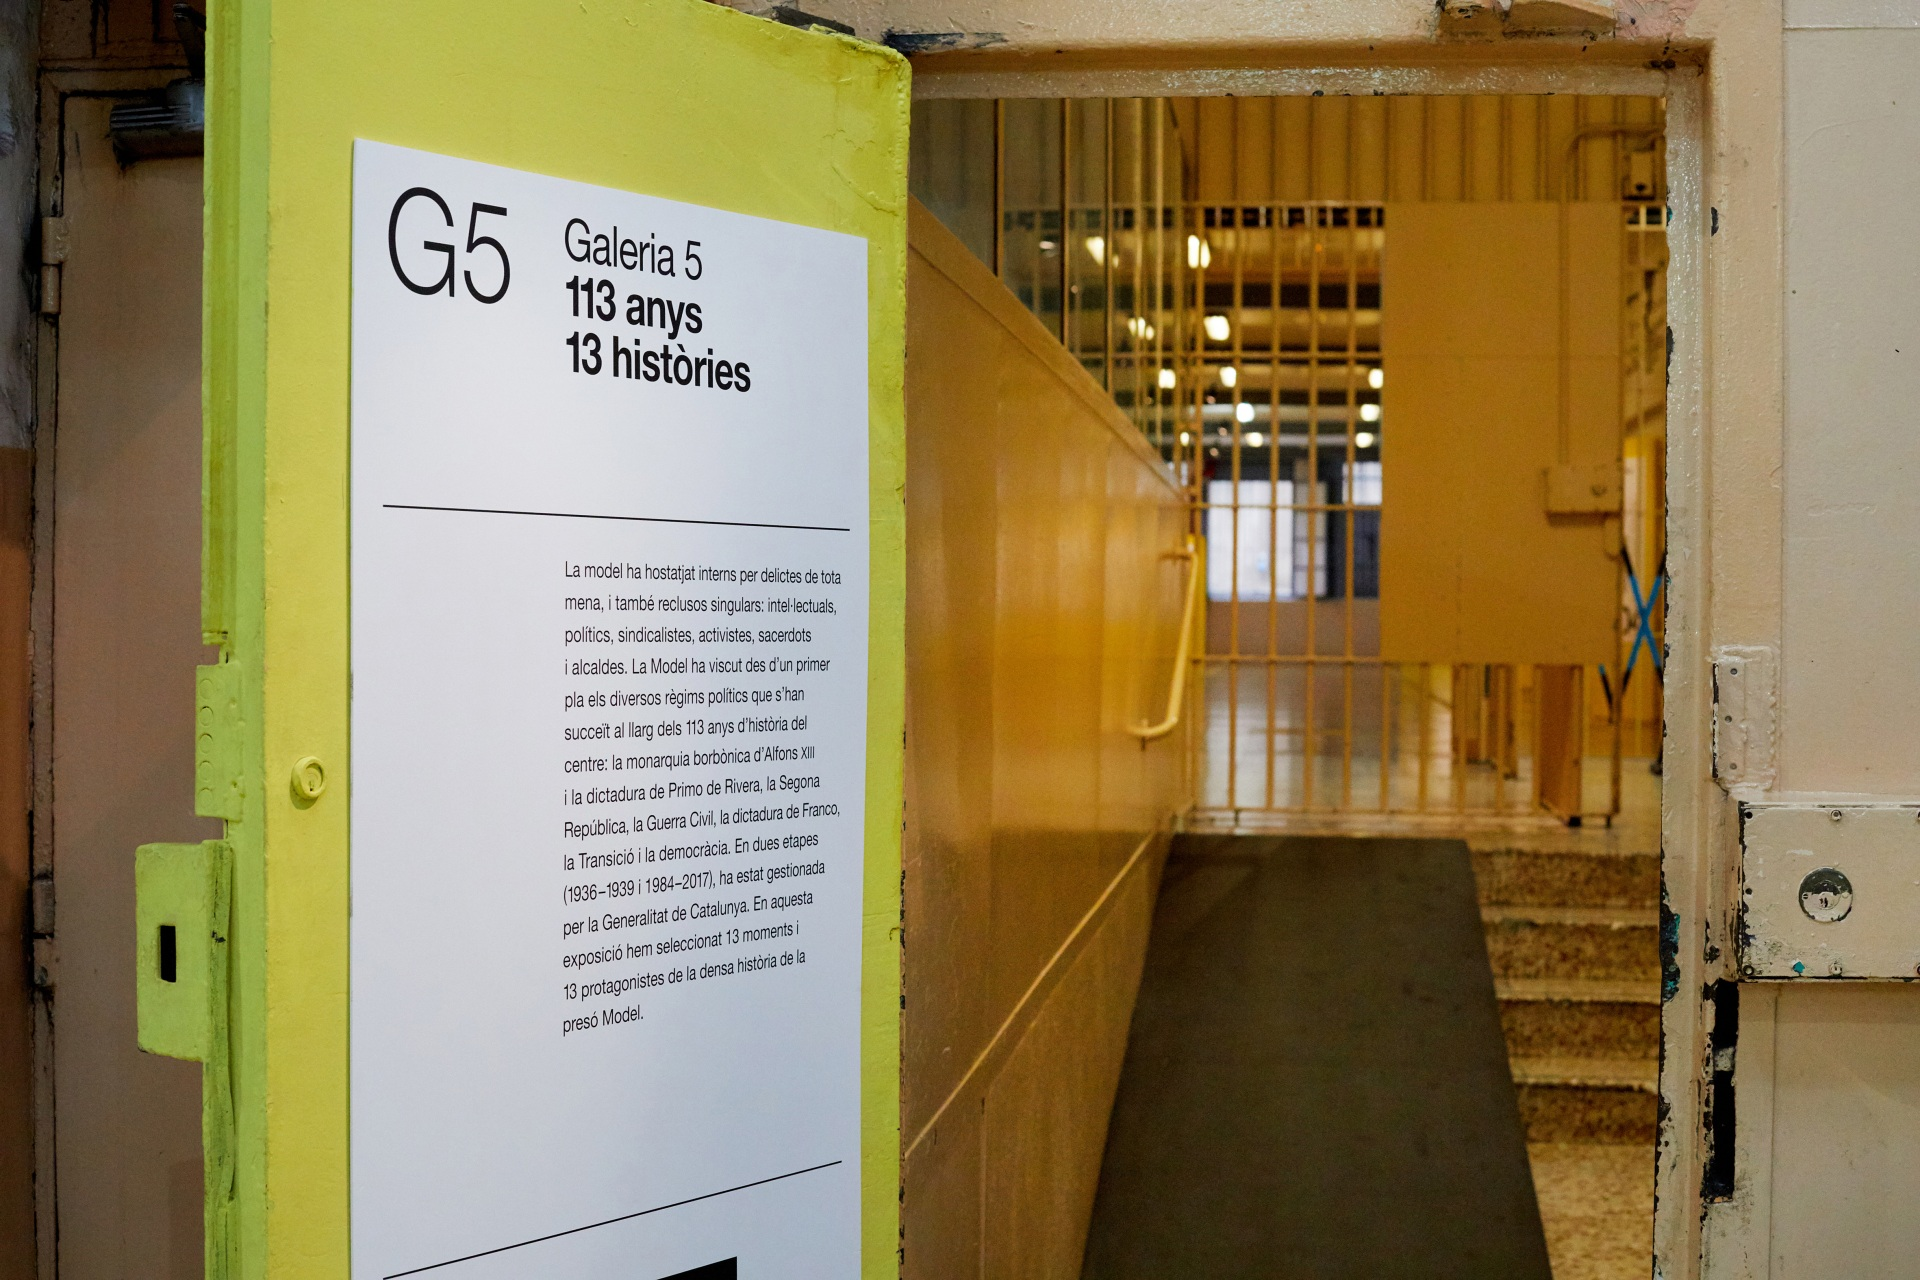 Visita museizada a la Presó Model. Galería 5, puerta amarilla y rejas de acceso.